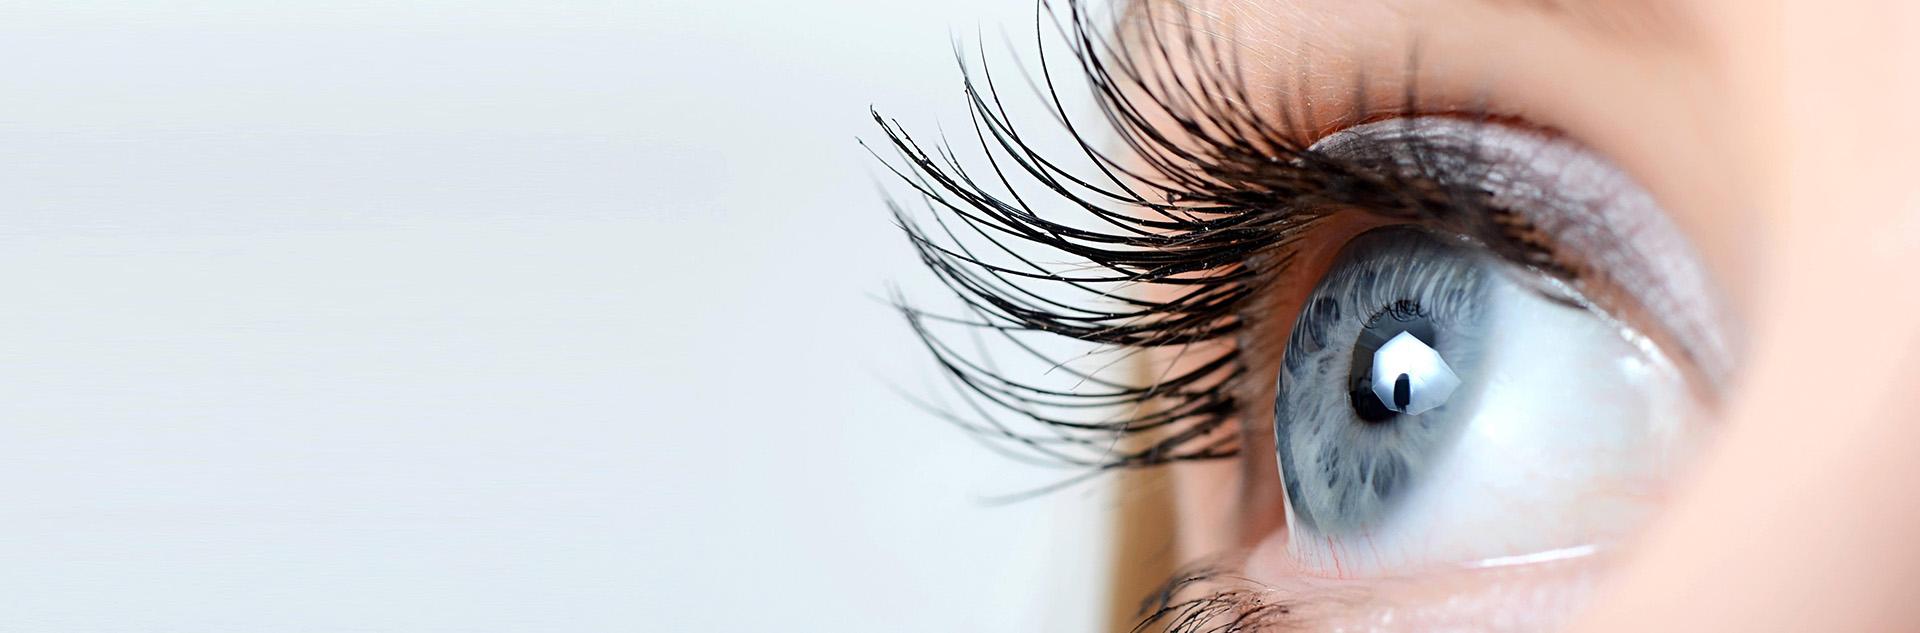 látásélesség egészséges embereknél